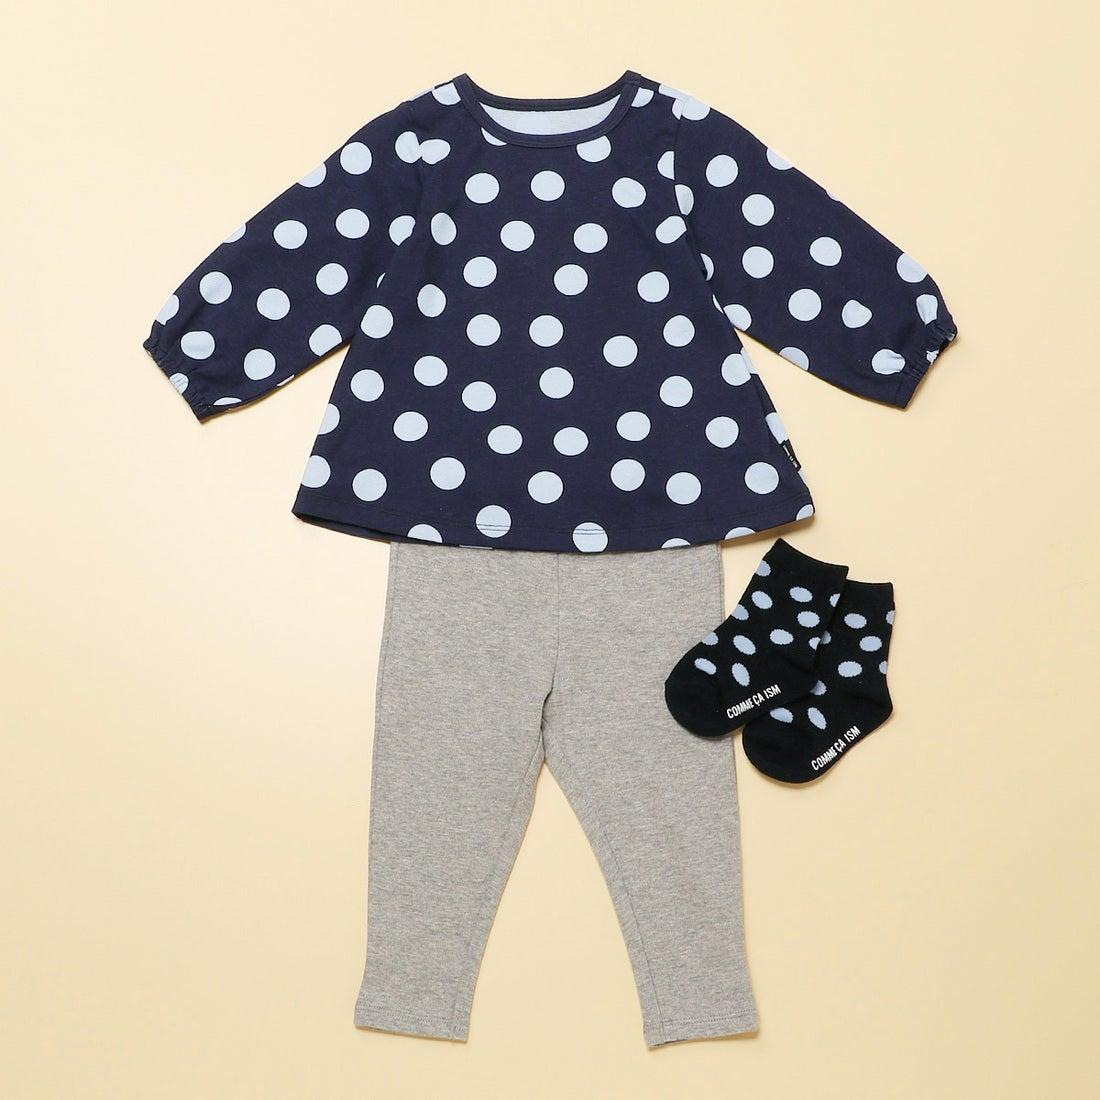 0f84604609347 コムサイズム COMME CA ISM  ギフトセット  女の子用 (1・2歳頃) 長袖チュニック&スパッツ (ネイビー) -靴&ファッション通販  ロコンド〜自宅で試着、気軽に返品